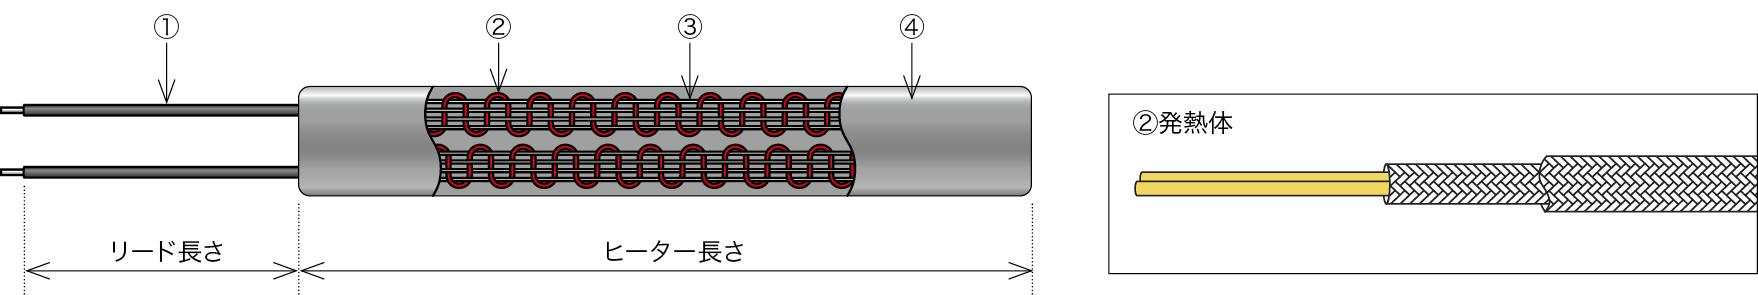 テープヒーター(リボンヒーター)の構成図